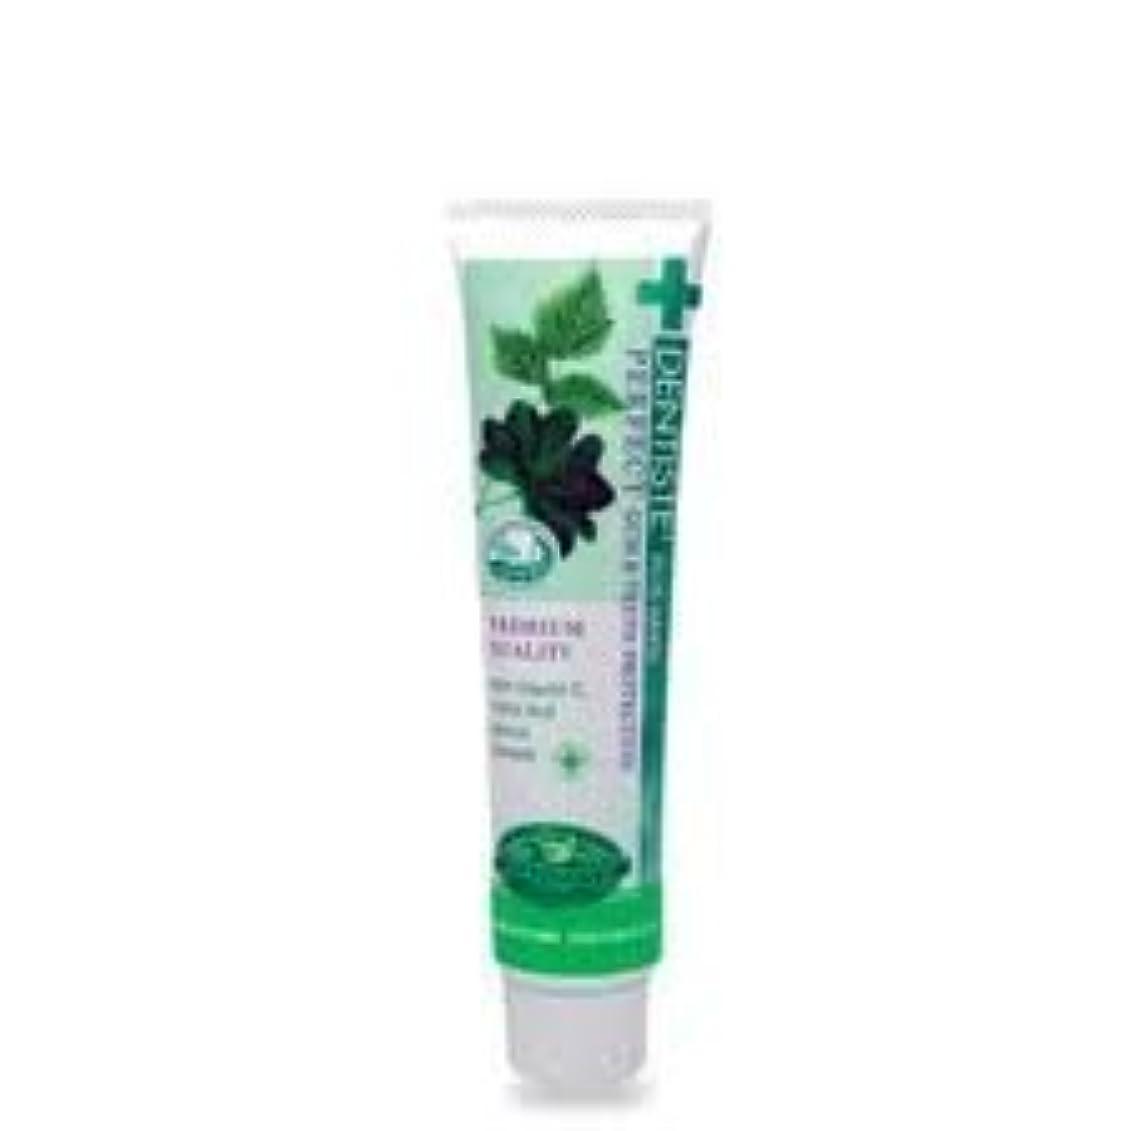 従順なシード不適Dentiste Night Time Active Whitening Toothpaste 100 G Thailand Product by Dentiste